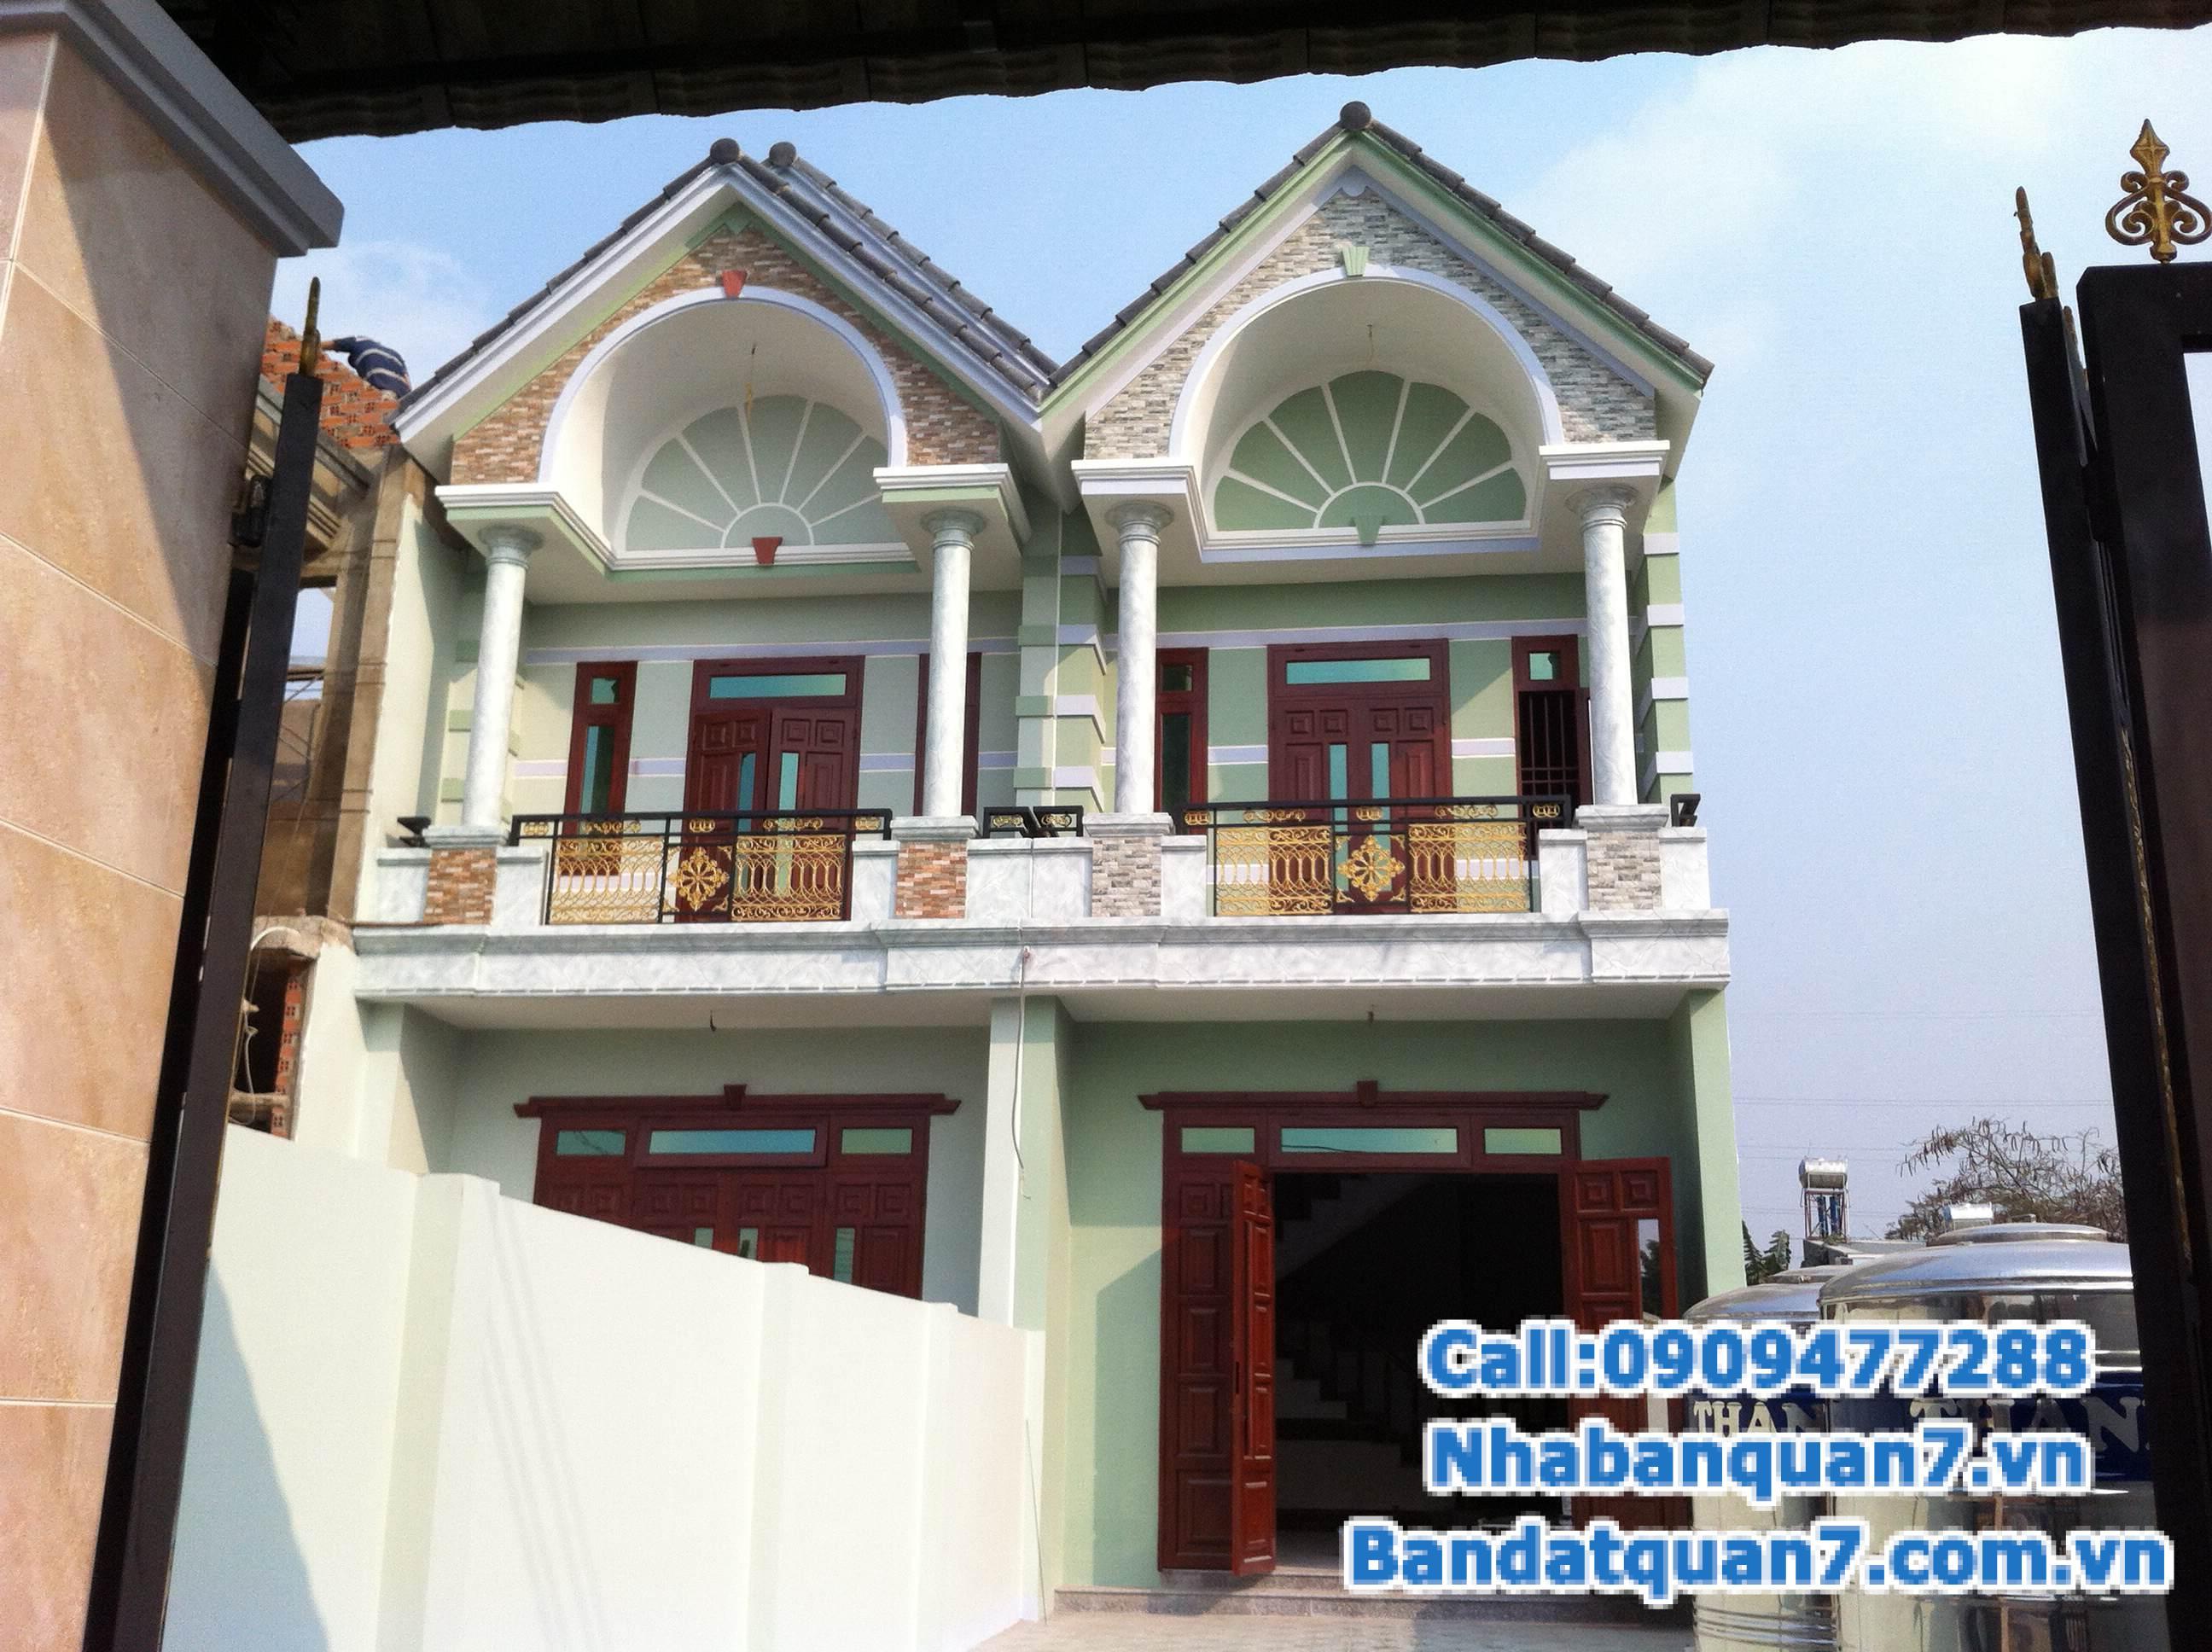 Bán nhà Quận 7 khu dân cư Tân Quy Đông